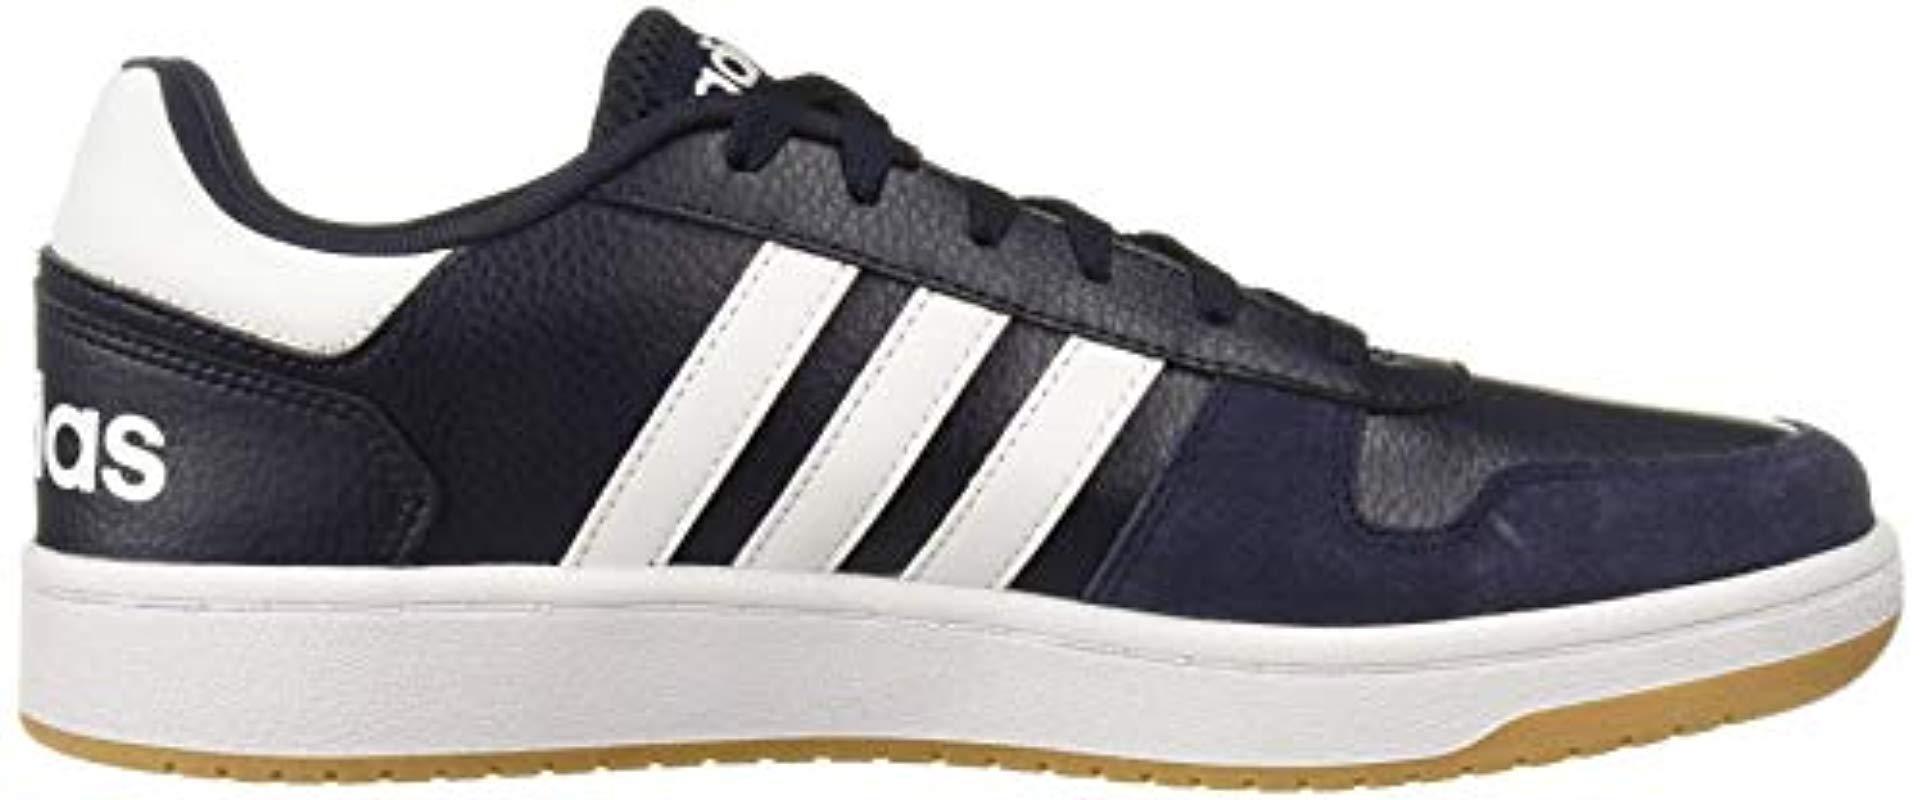 adidas Hoops 2.0 Sneaker in Blue for Men - Lyst